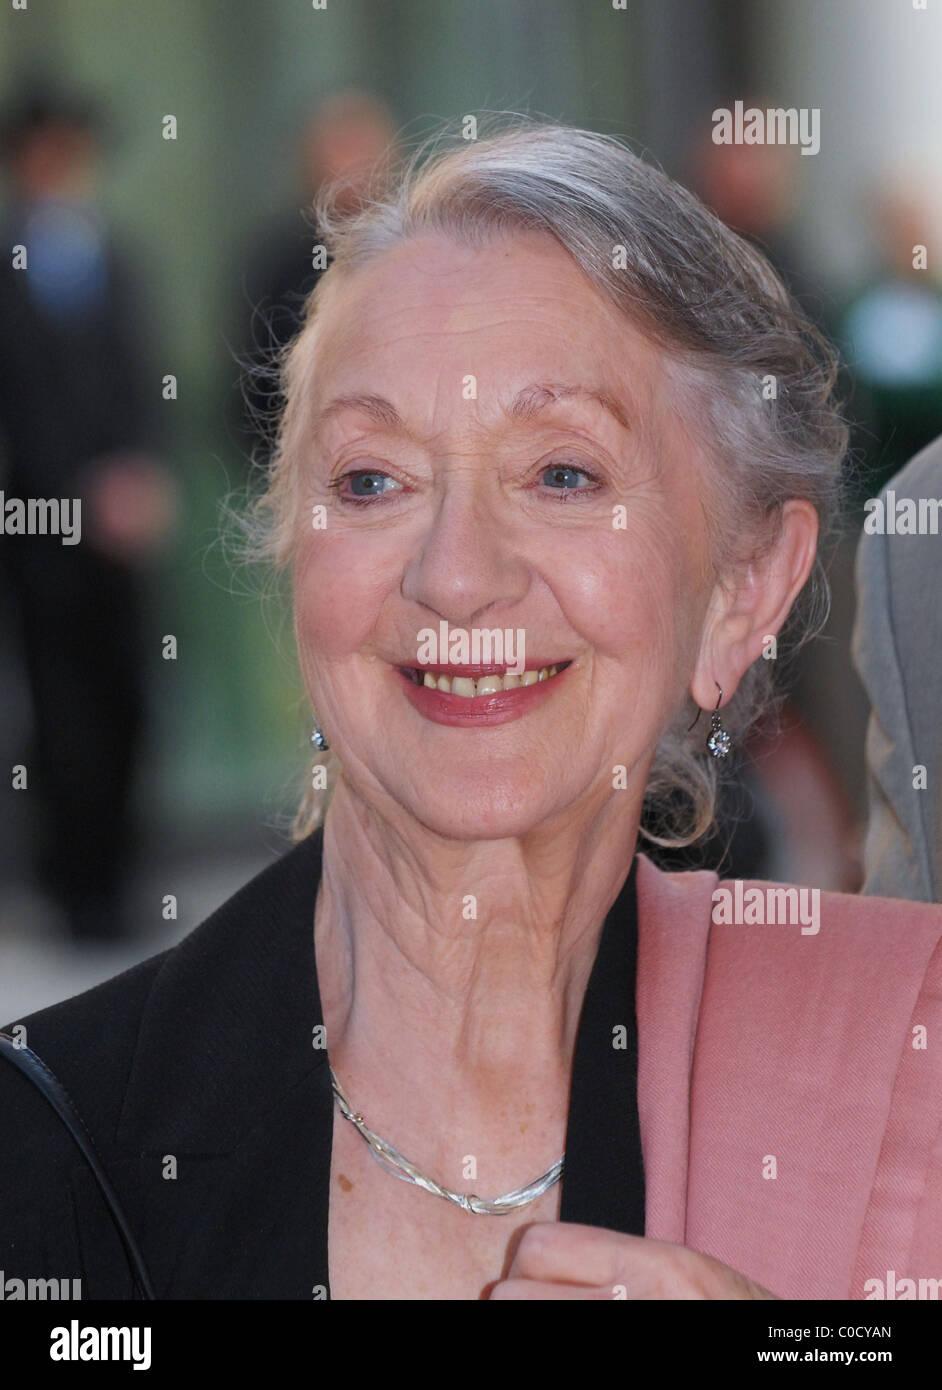 Thelma Barlow